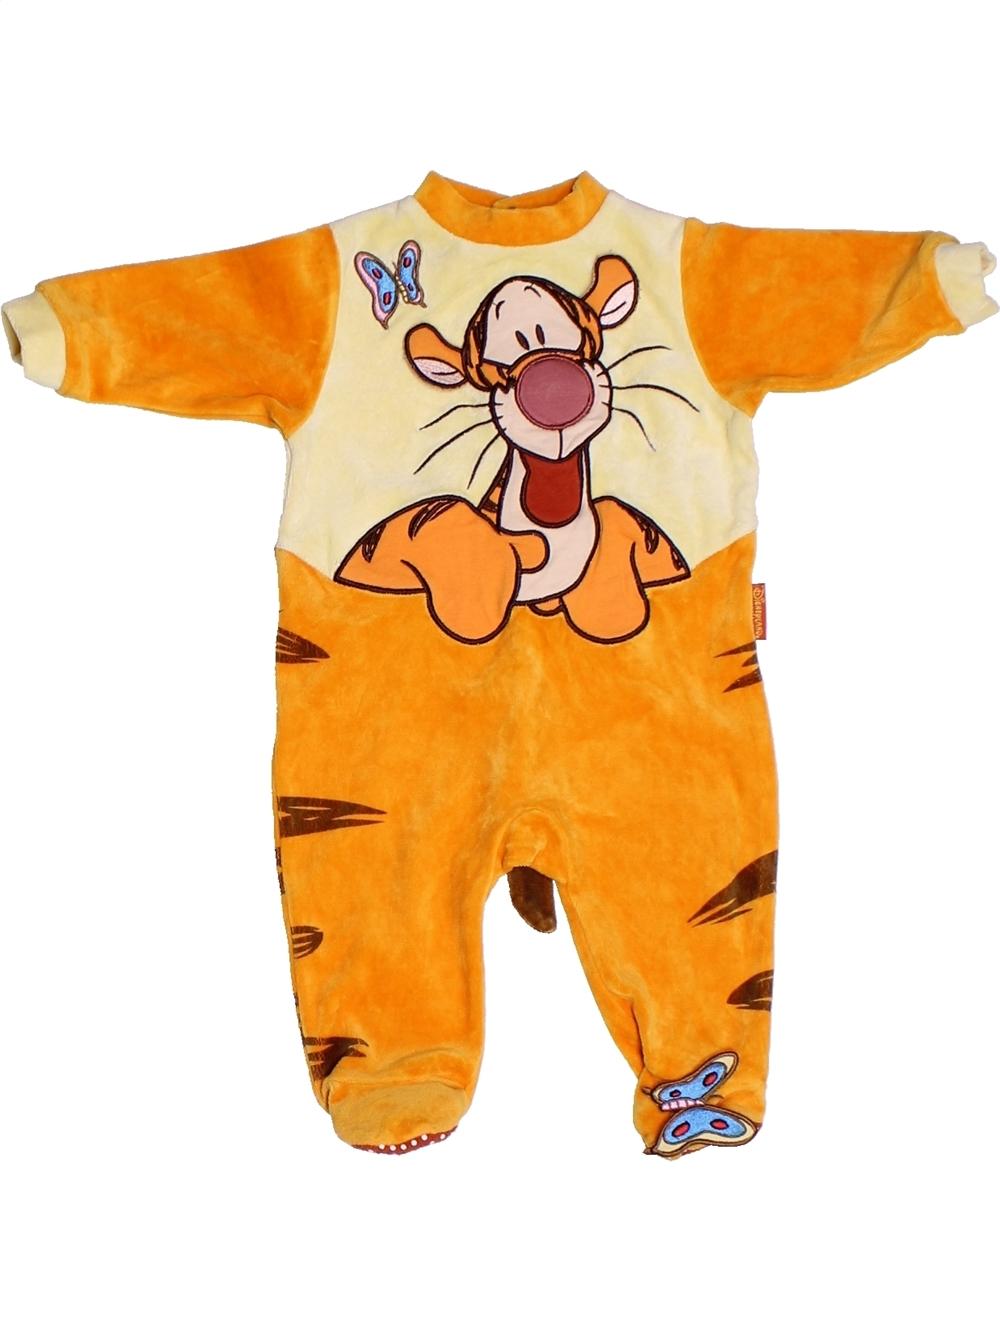 ca1c2299c4fc4 Pyjama 1 piece orange DISNEY du 3 mois pour Garcon - 1249386